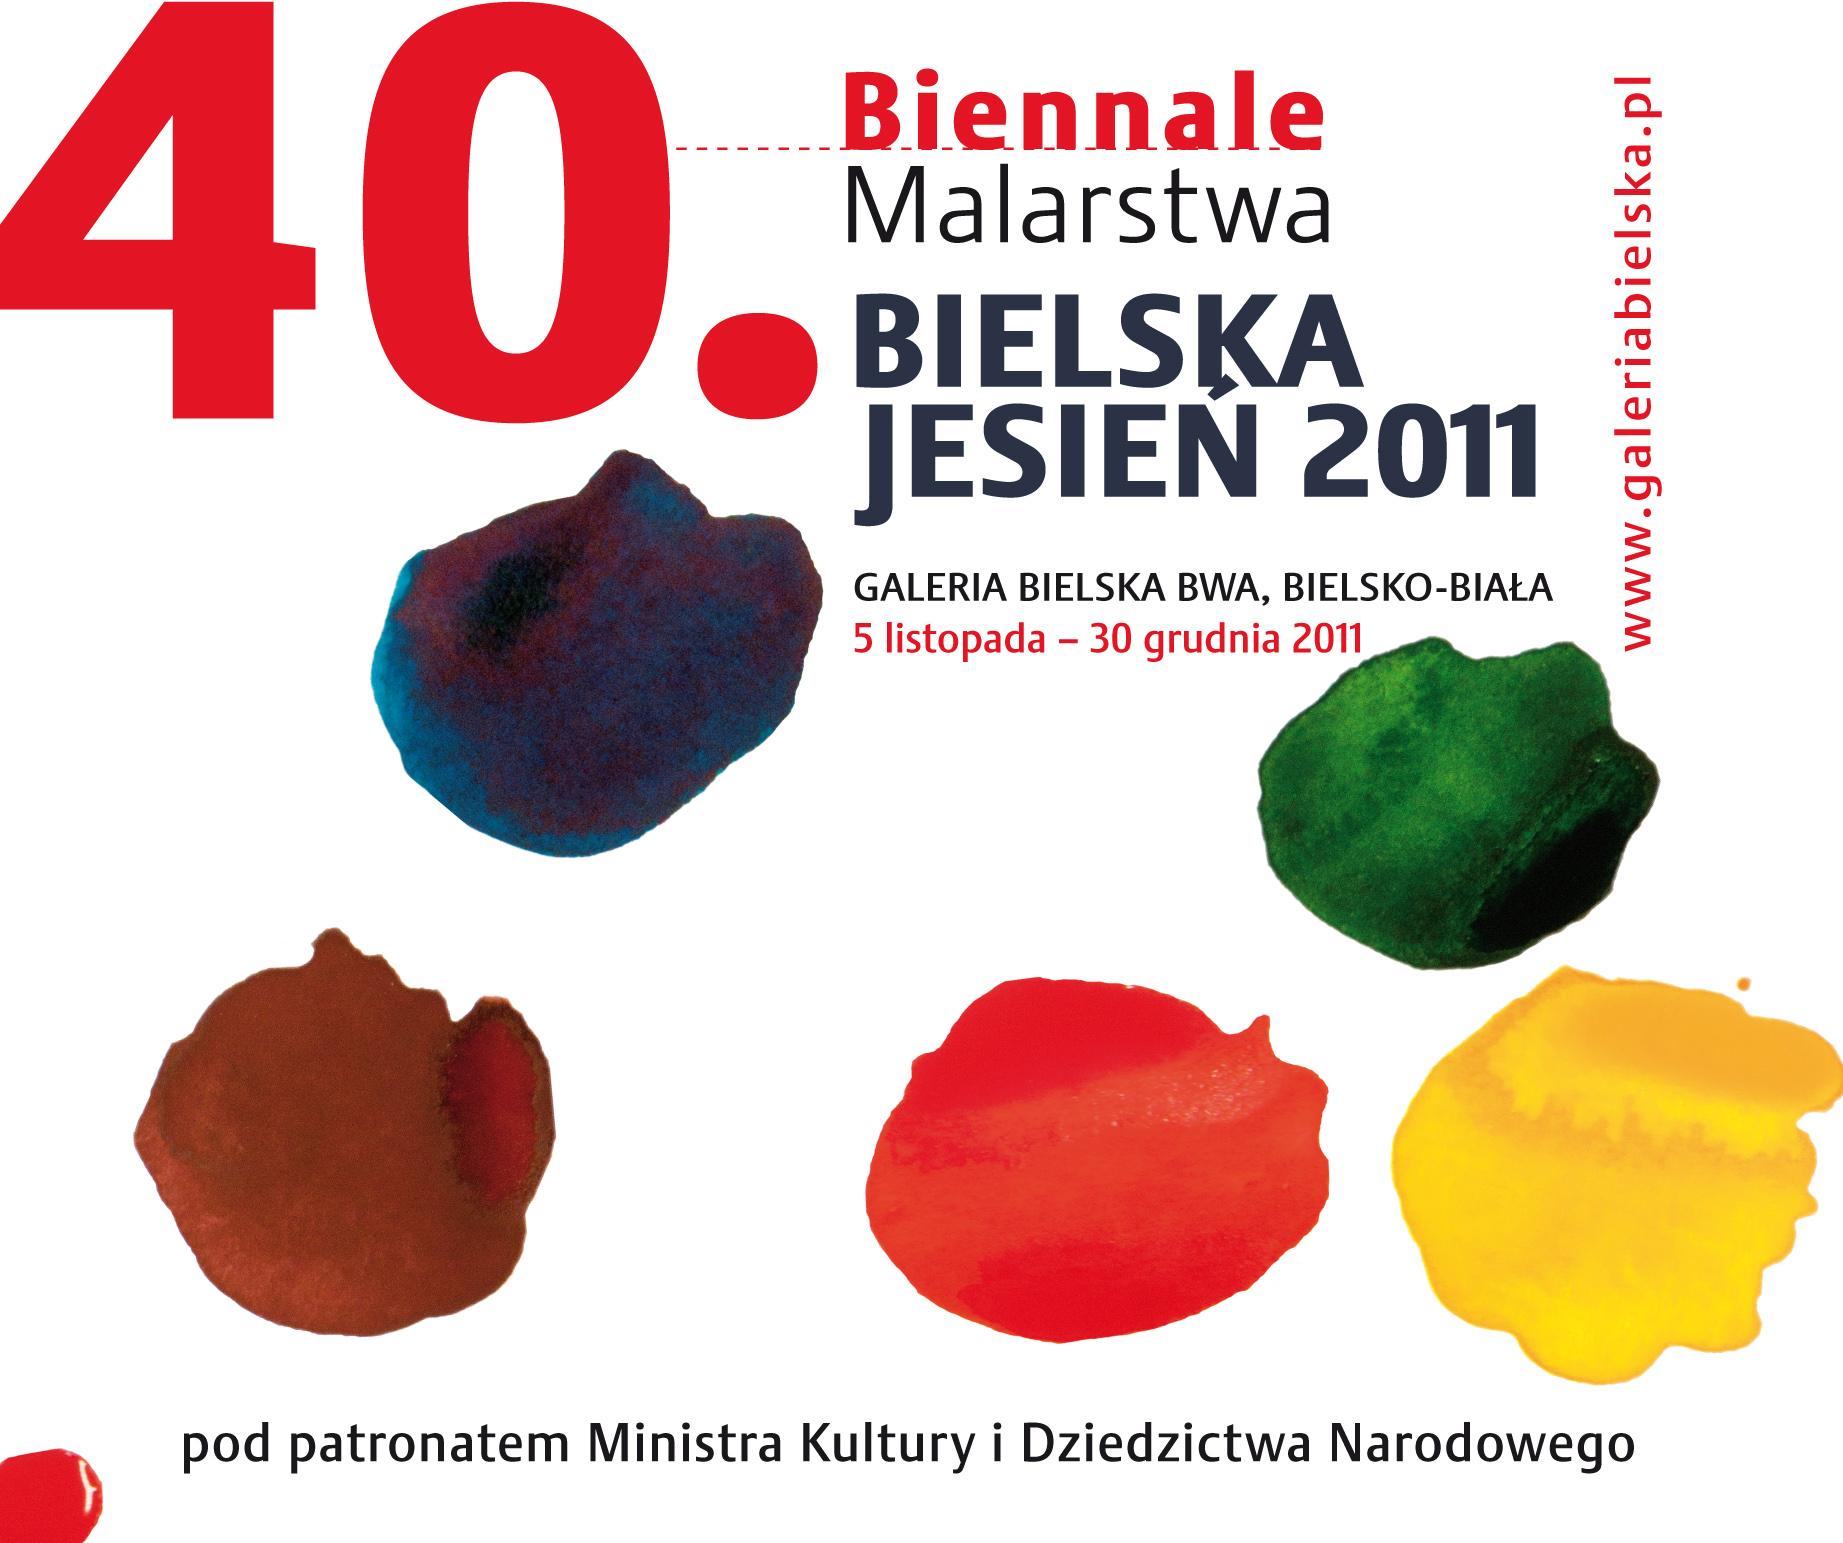 40. Biennale Bielska Jesień - plakat (źródło: materiały prasowe organizatora)